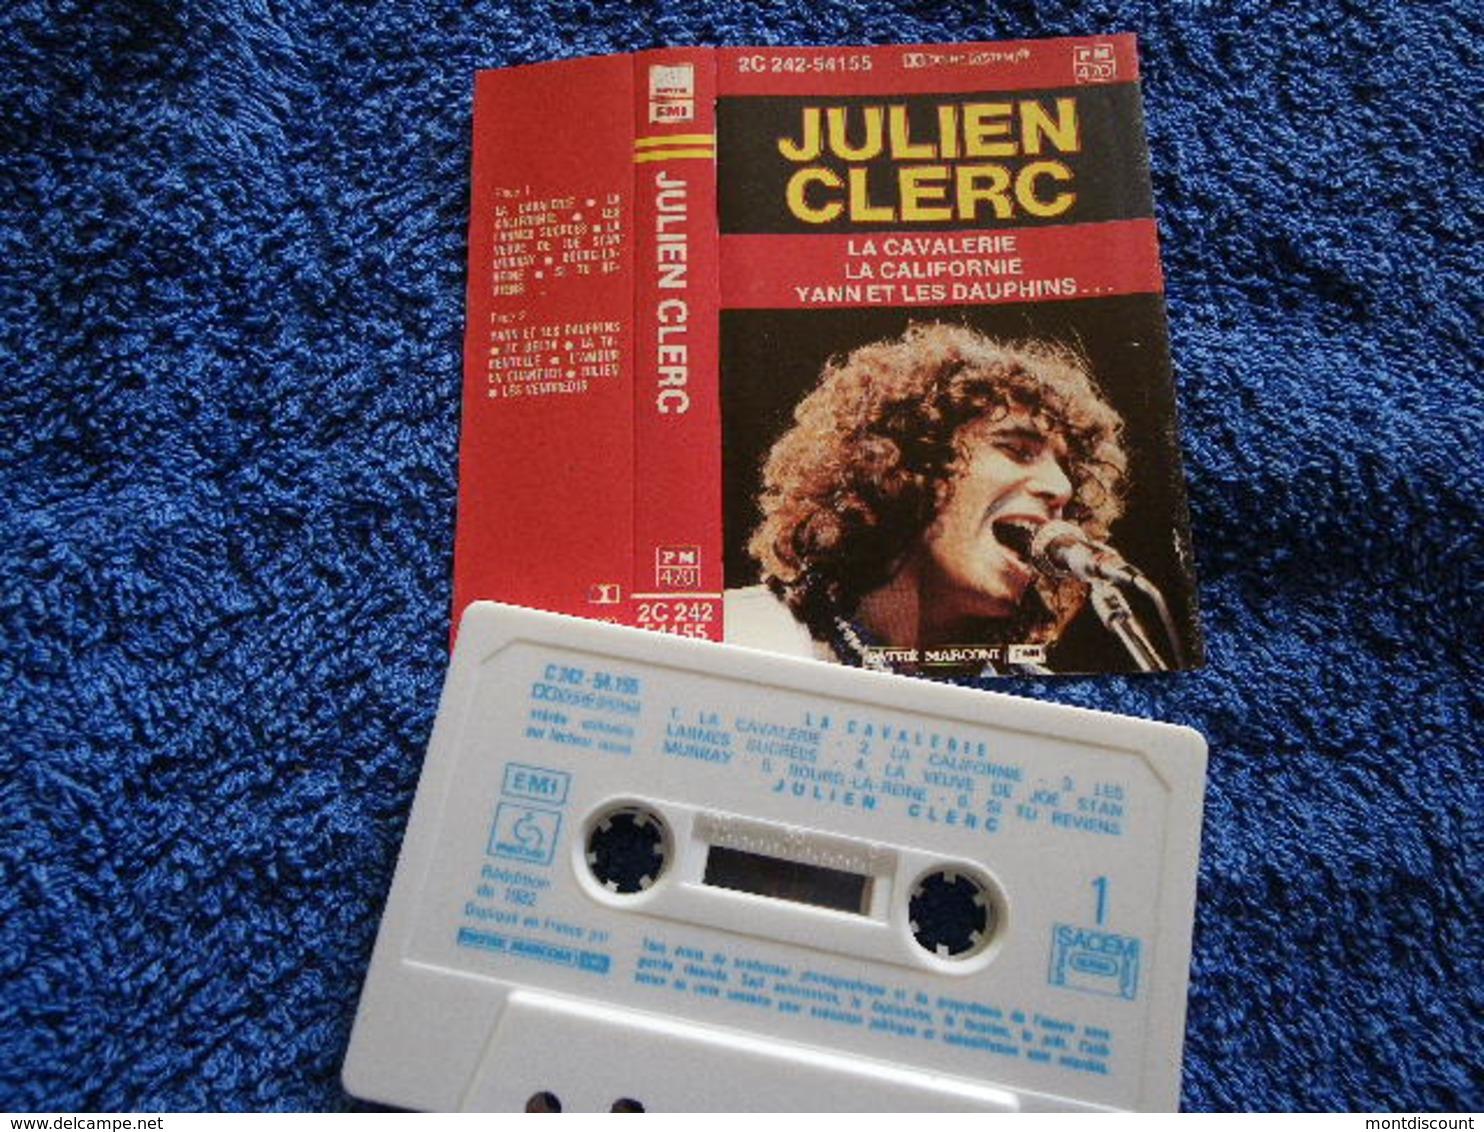 JULIEN CLERC VOIR DESCRIPTIF ET PHOTO... REGARDEZ LES AUTRES (PLUSIEURS) - Audio Tapes